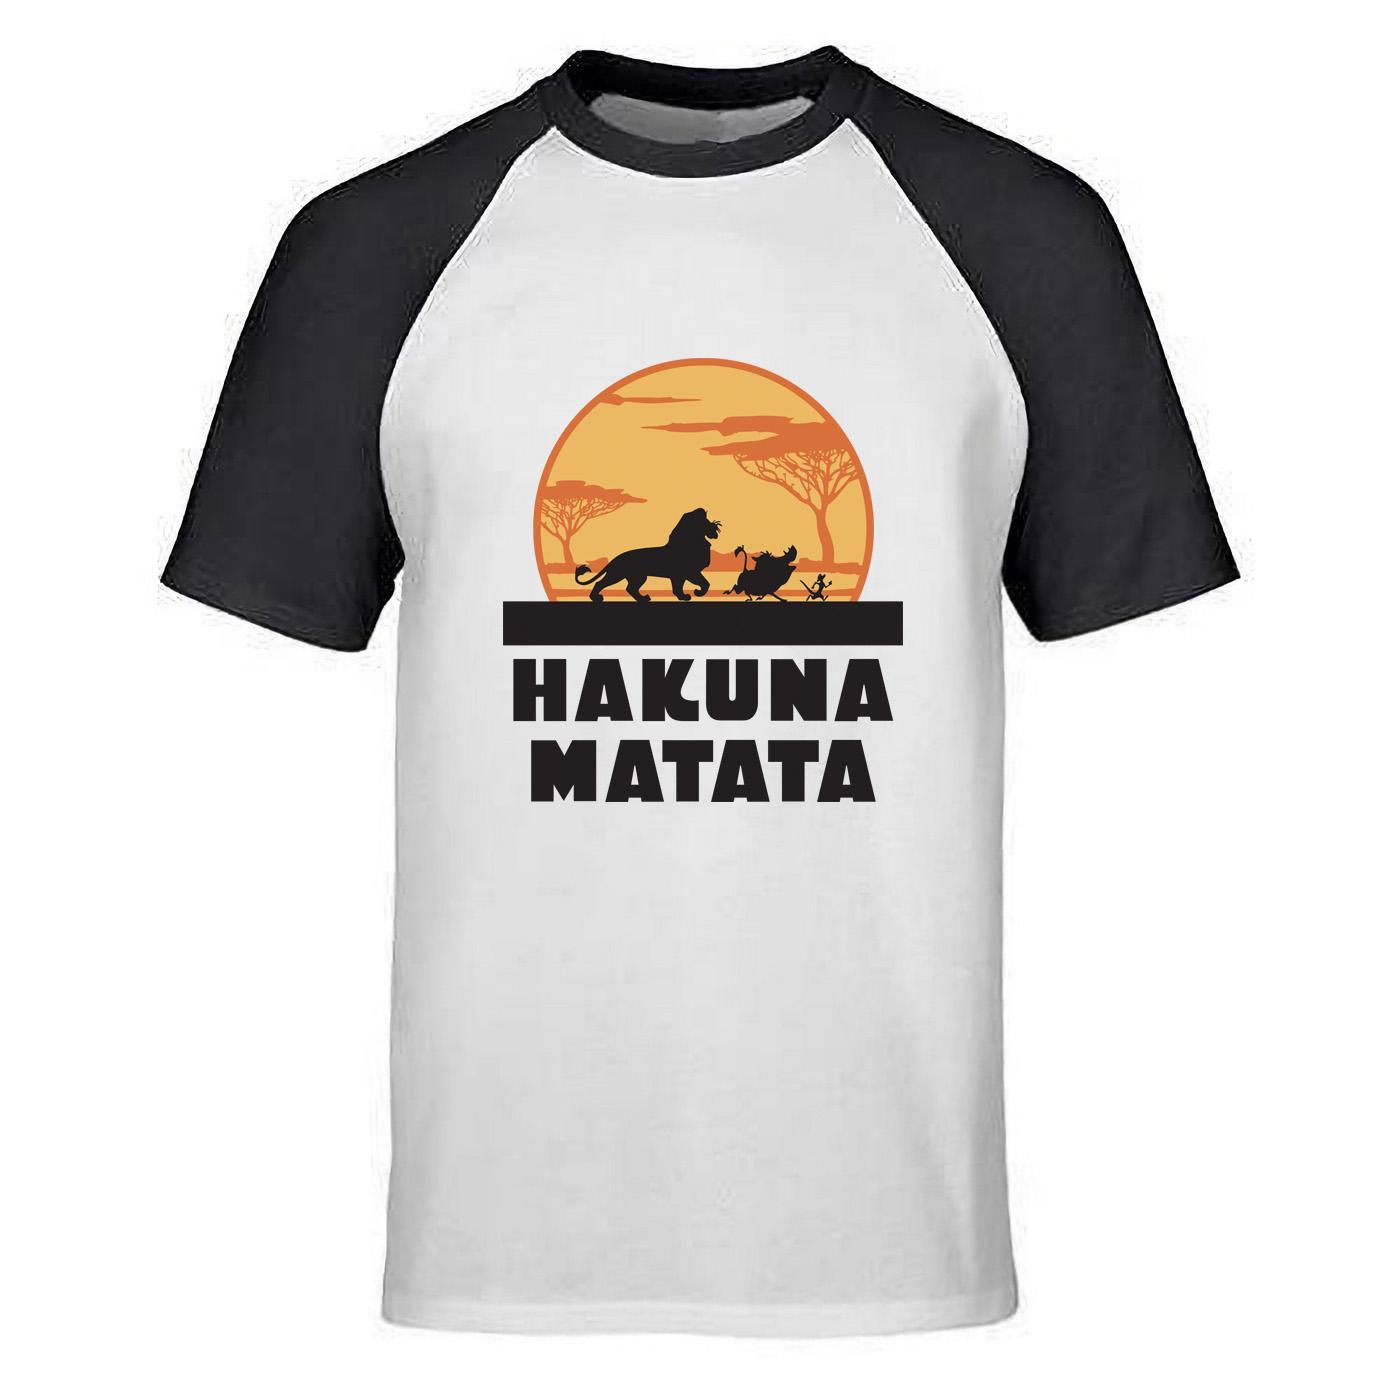 O Rei Leão T-shirt Homens Simba Hakuna Matata dos desenhos animados amigo Timon Pumba engraçado New Verão Cotton Top Raglan Camiseta Filme Camiseta